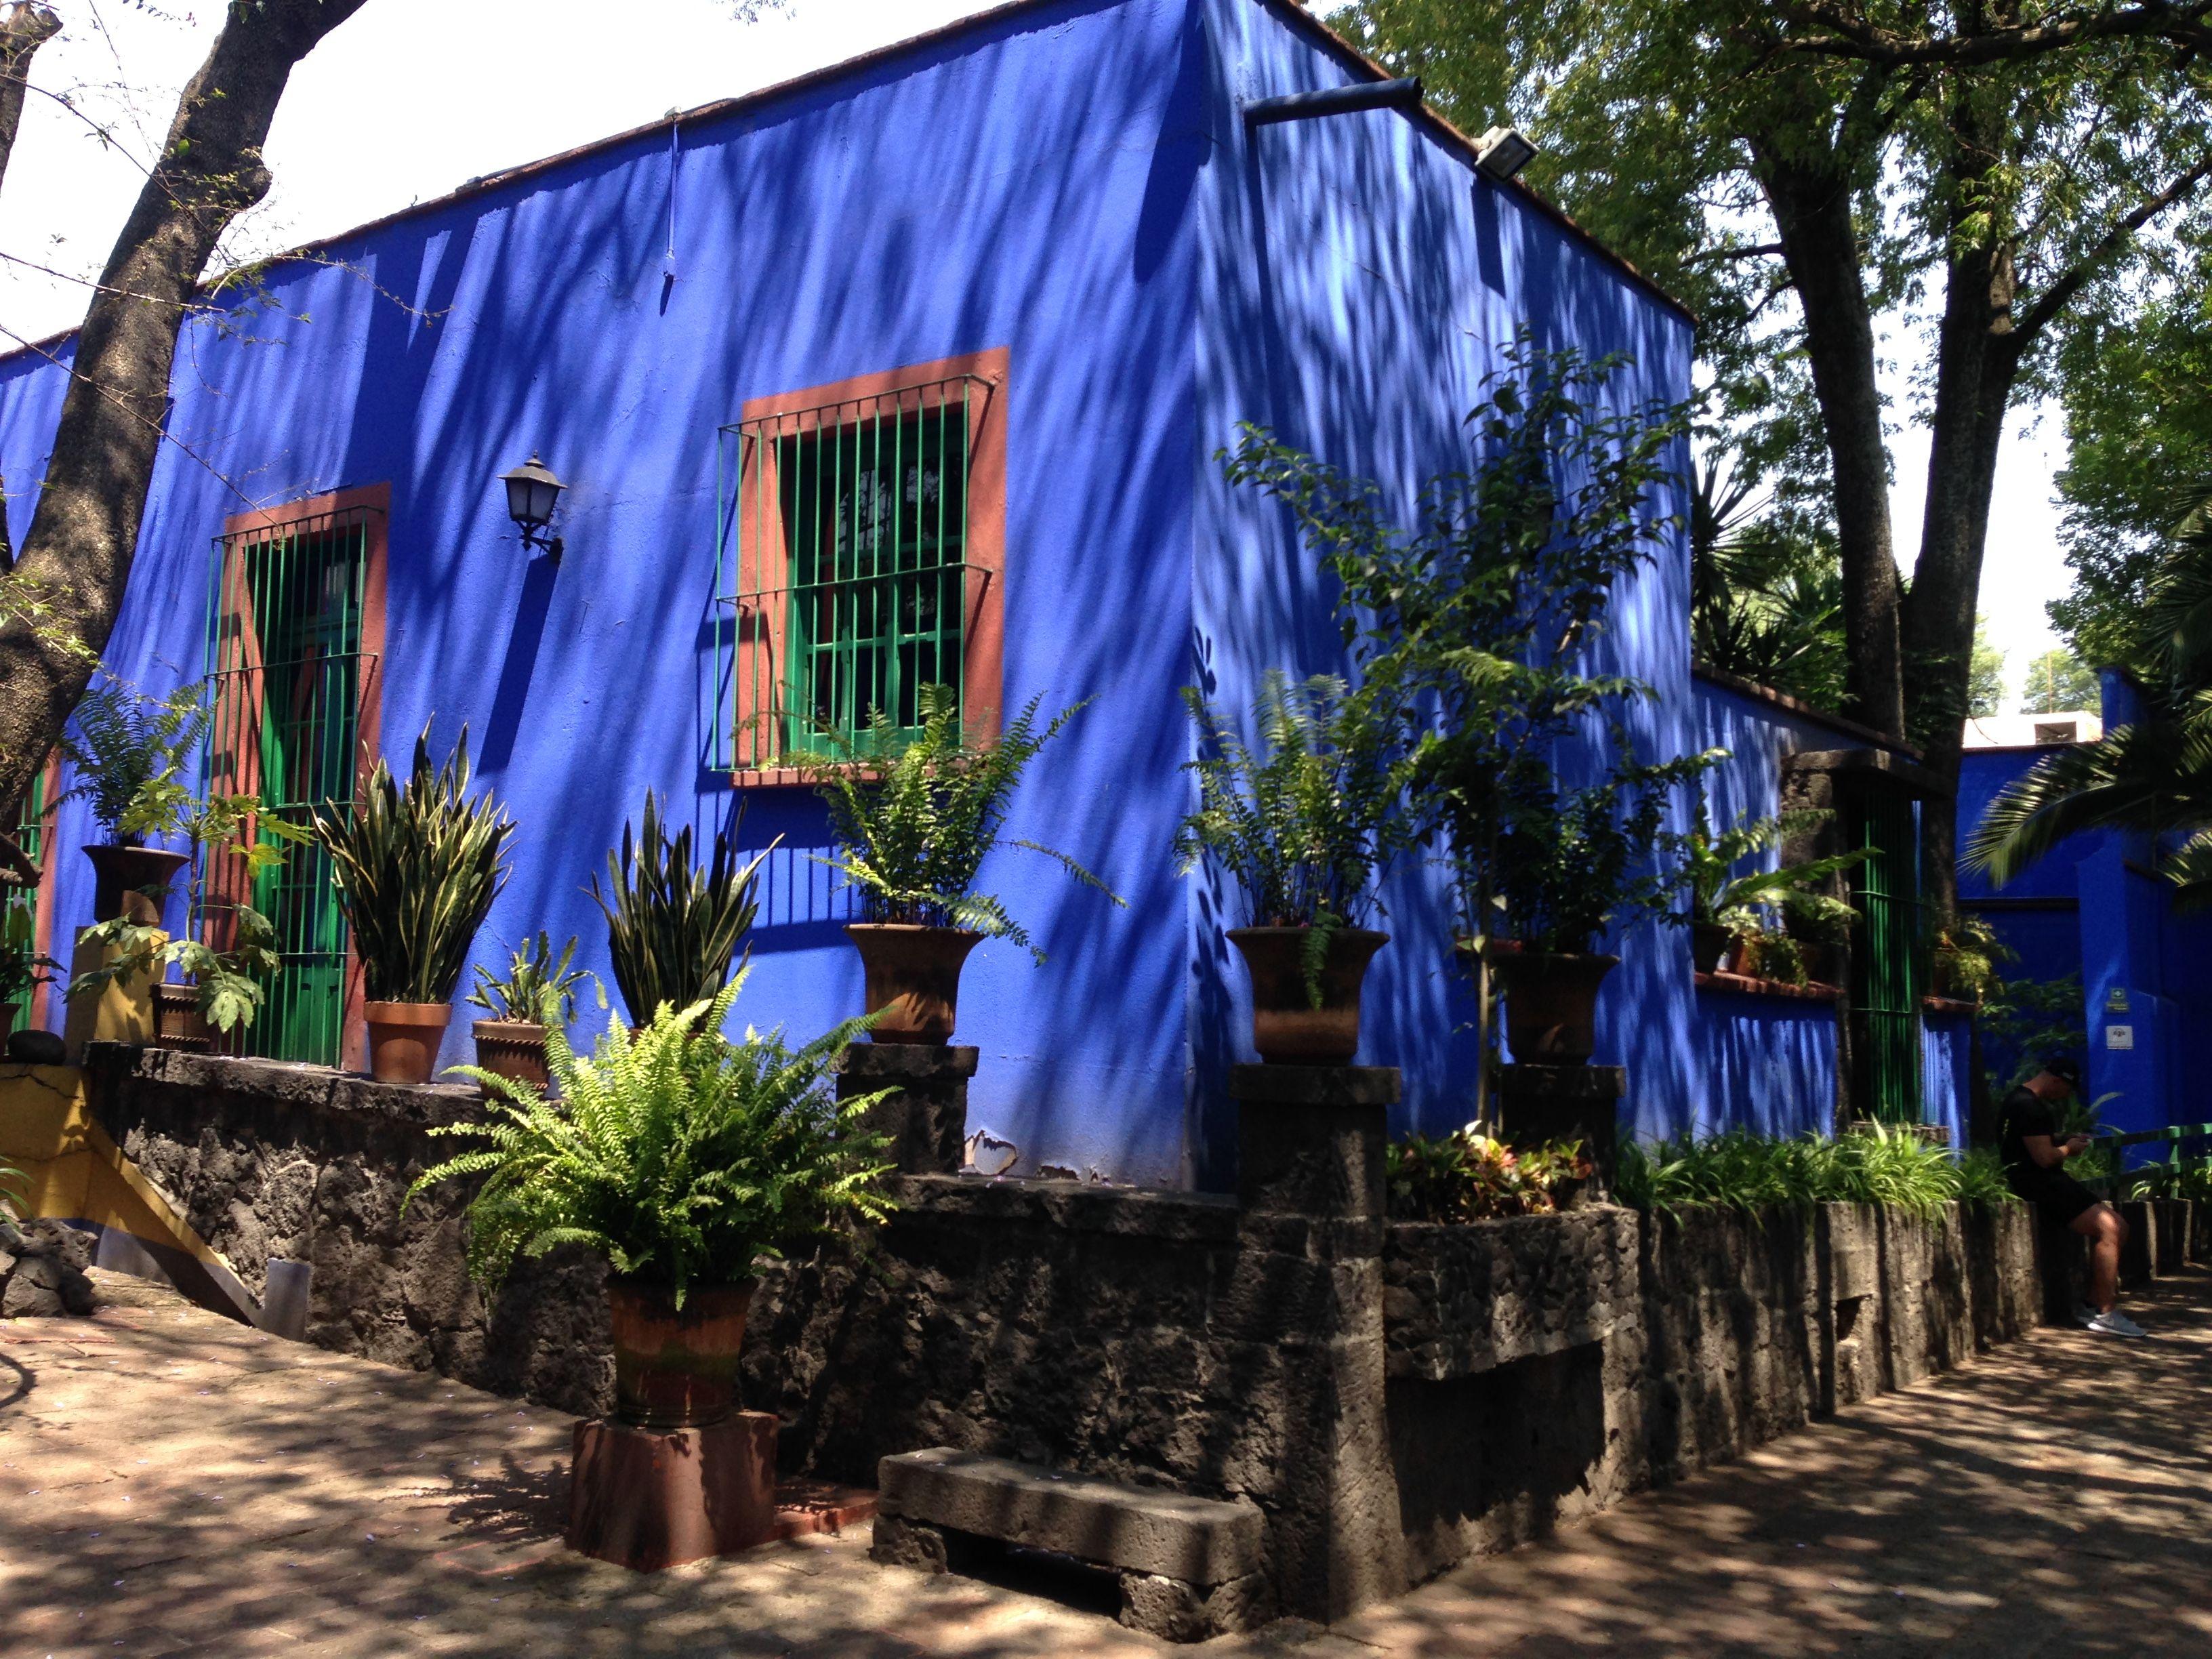 Museo Casa Estudio Diego Rivera Y Frida Kahlo Visita La Casa Azul De Frida Kahlo Deslumbrante Caminata Mexicana Acompañada De Naturaleza Color Road Structures